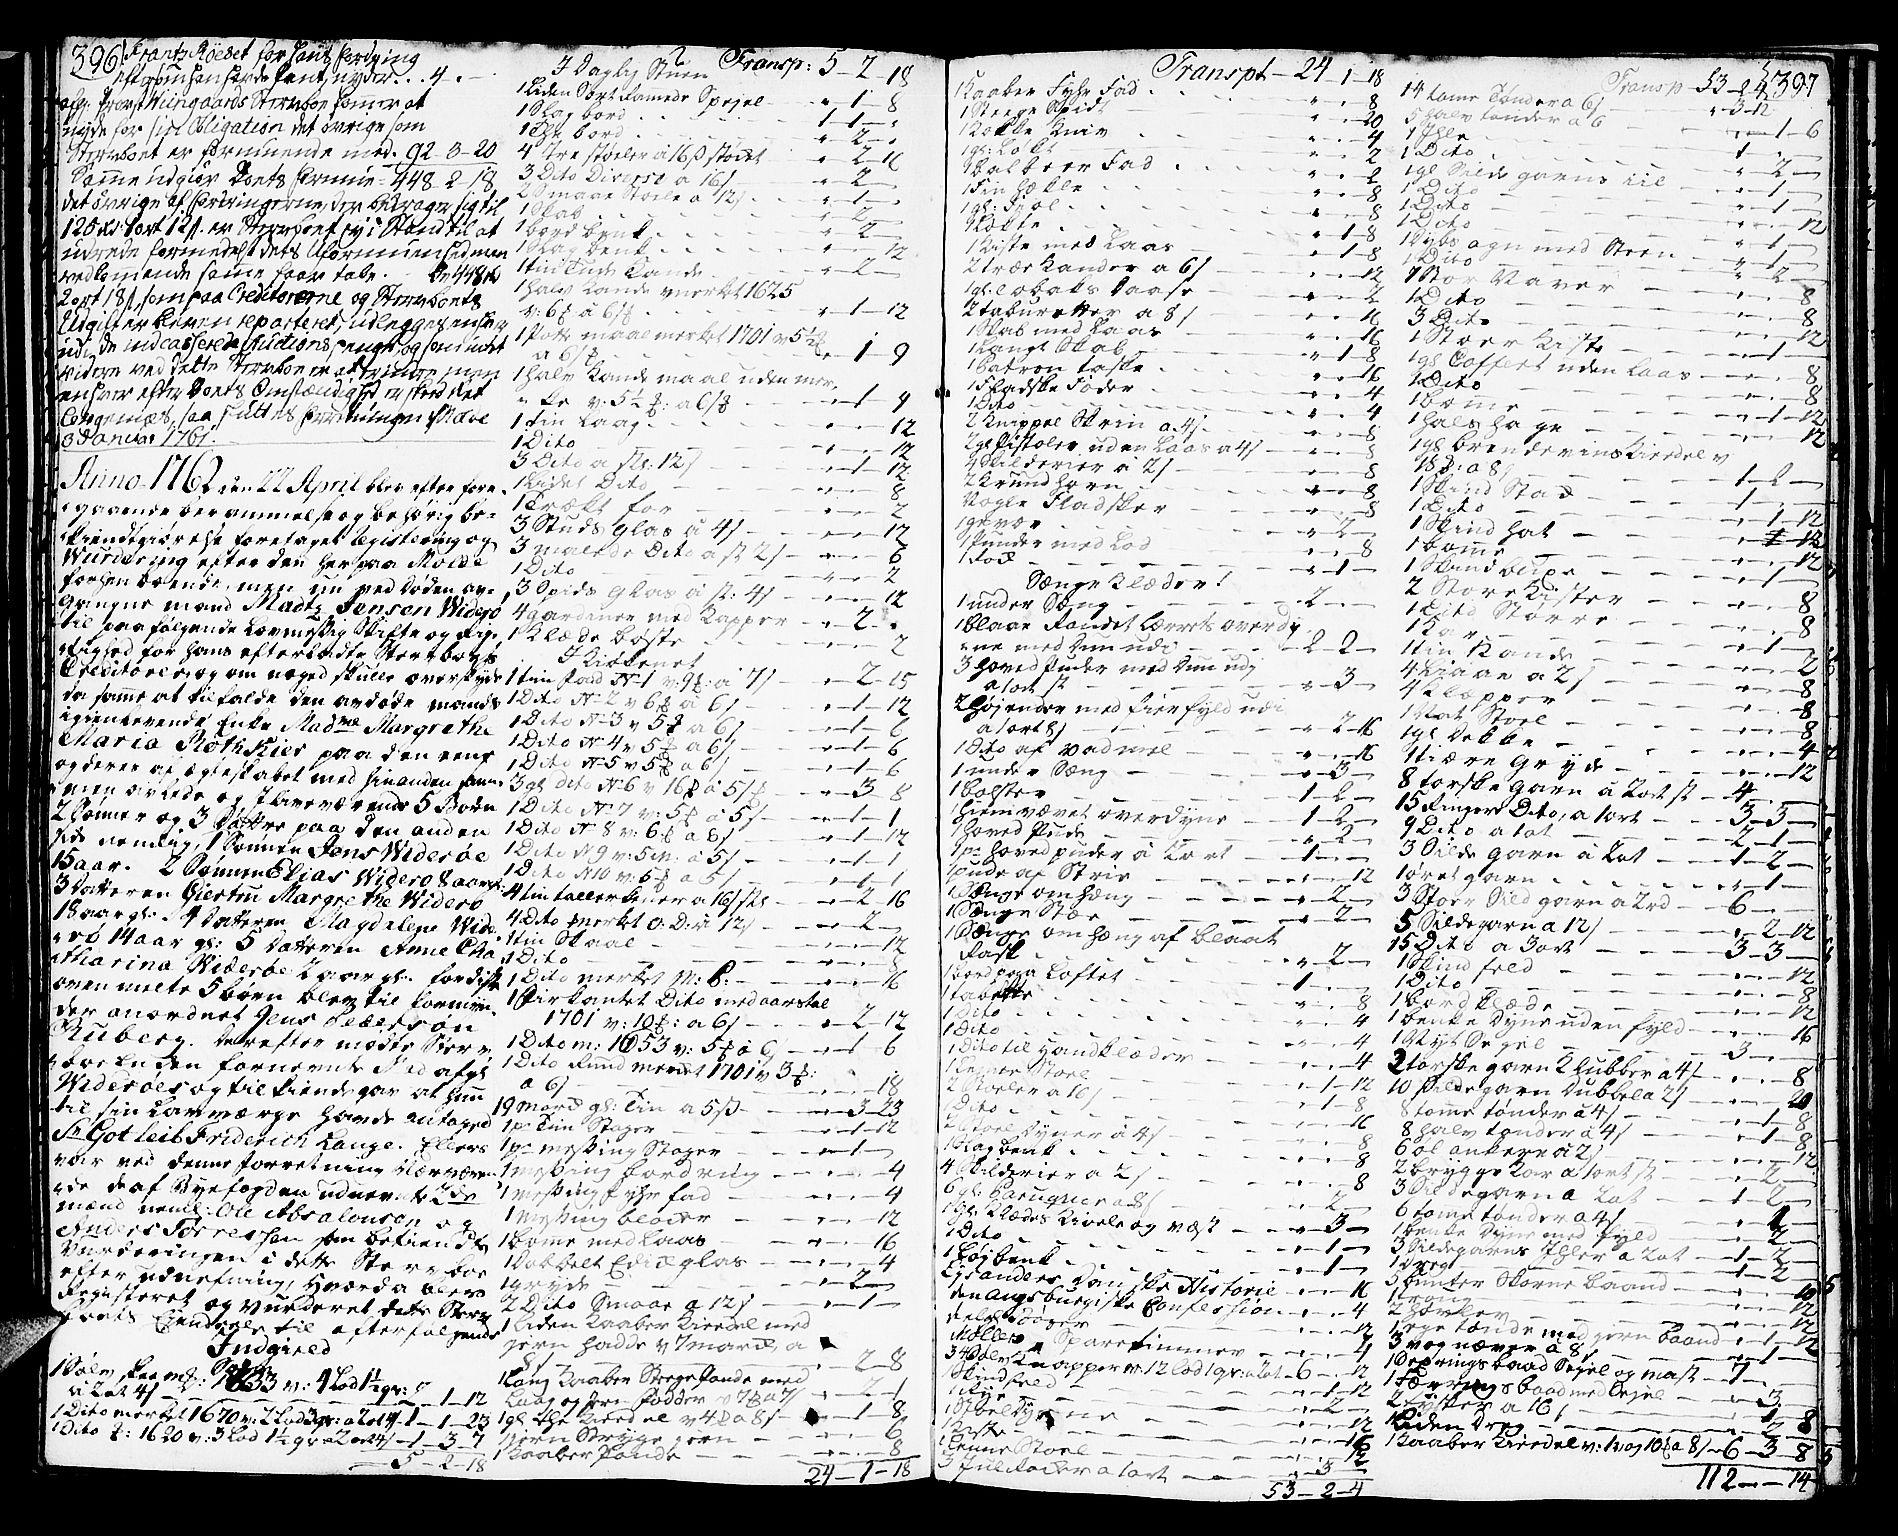 SAT, Molde byfogd, 3/3Aa/L0001: Skifteprotokoll, 1748-1768, s. 396-397